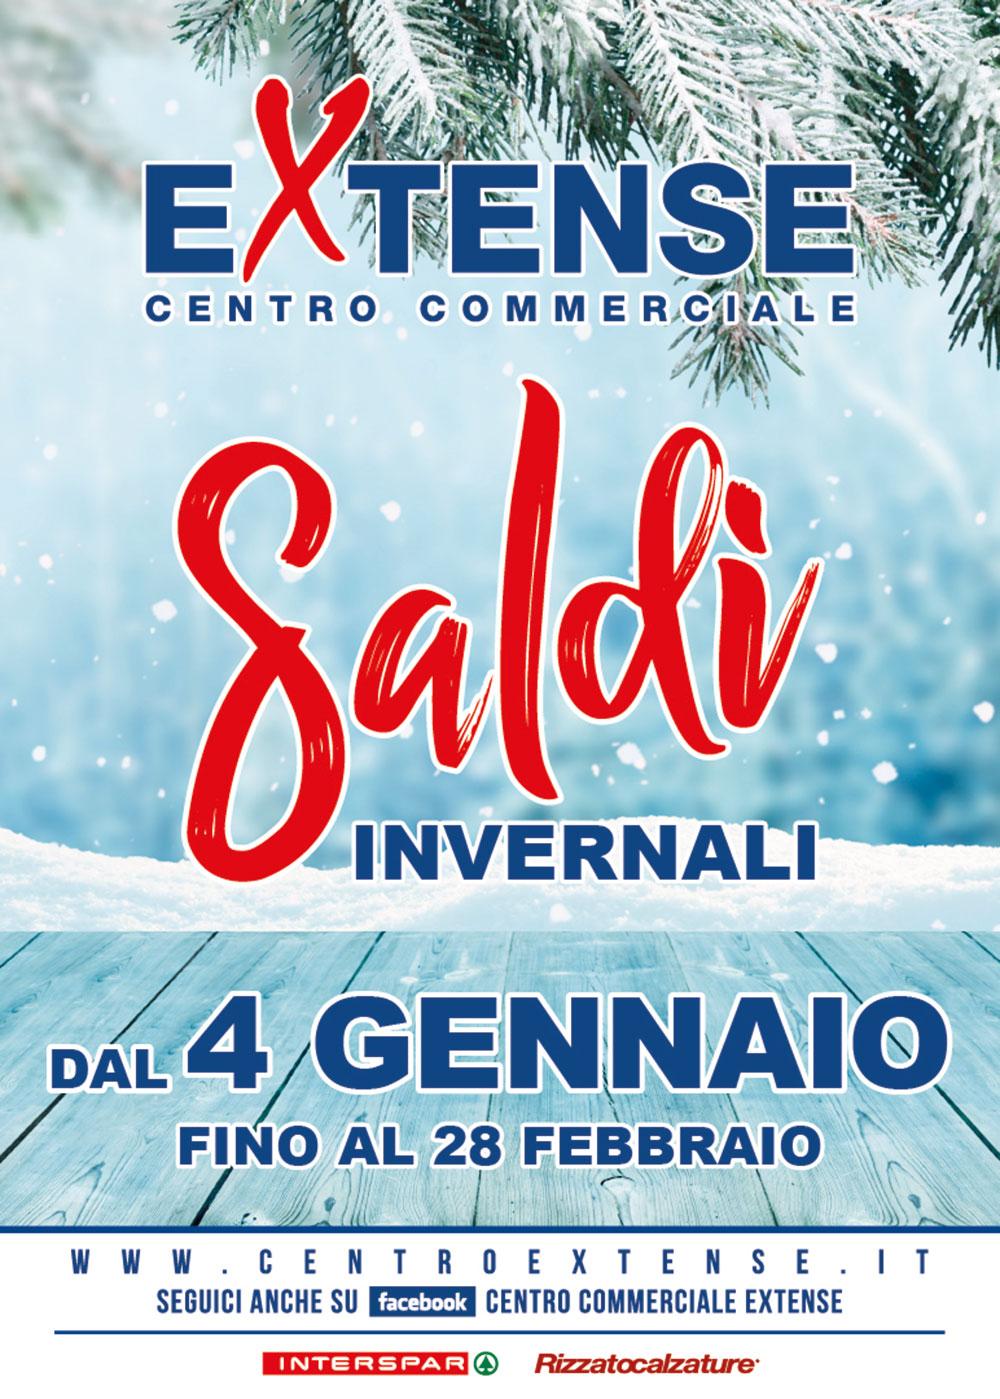 Saldi Invernali 2020 - Centro Commerciale Extense